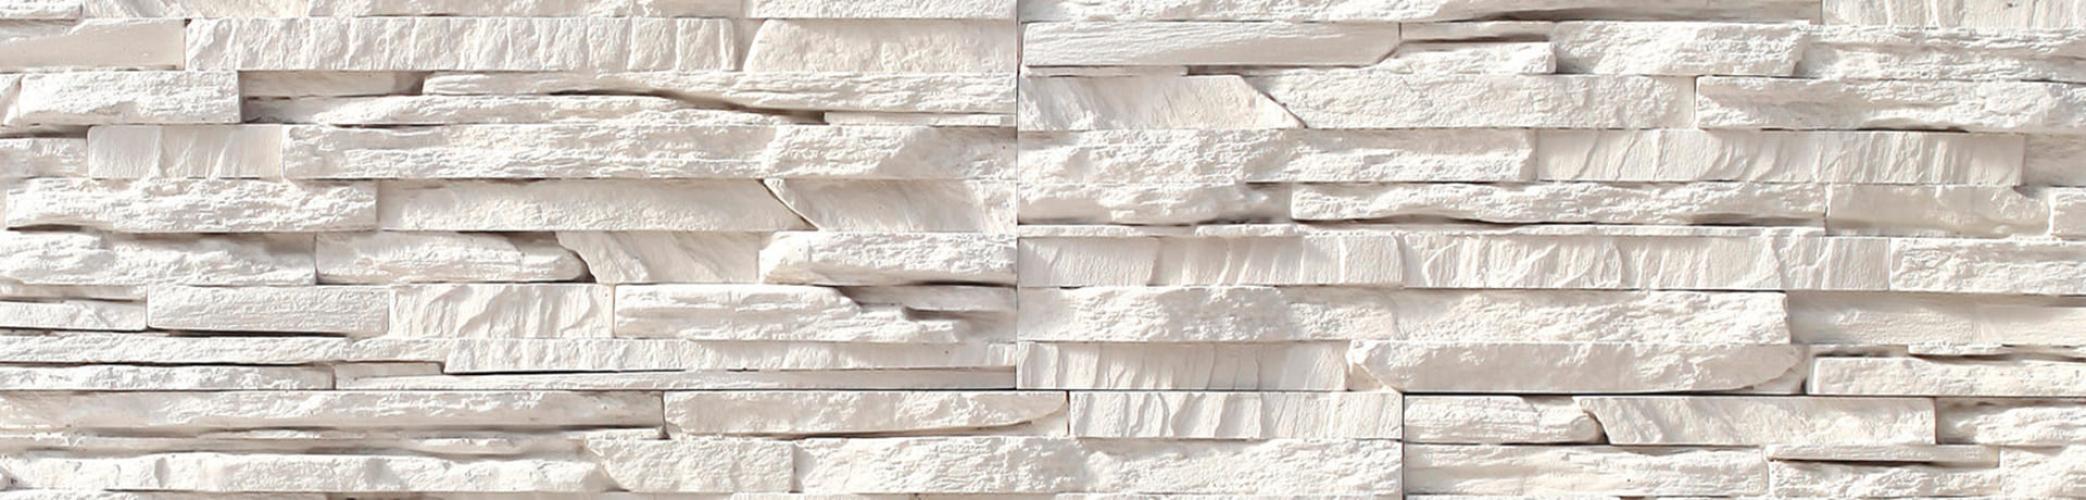 Декоративный (искусственный) камень из гипса для внутренней отделки